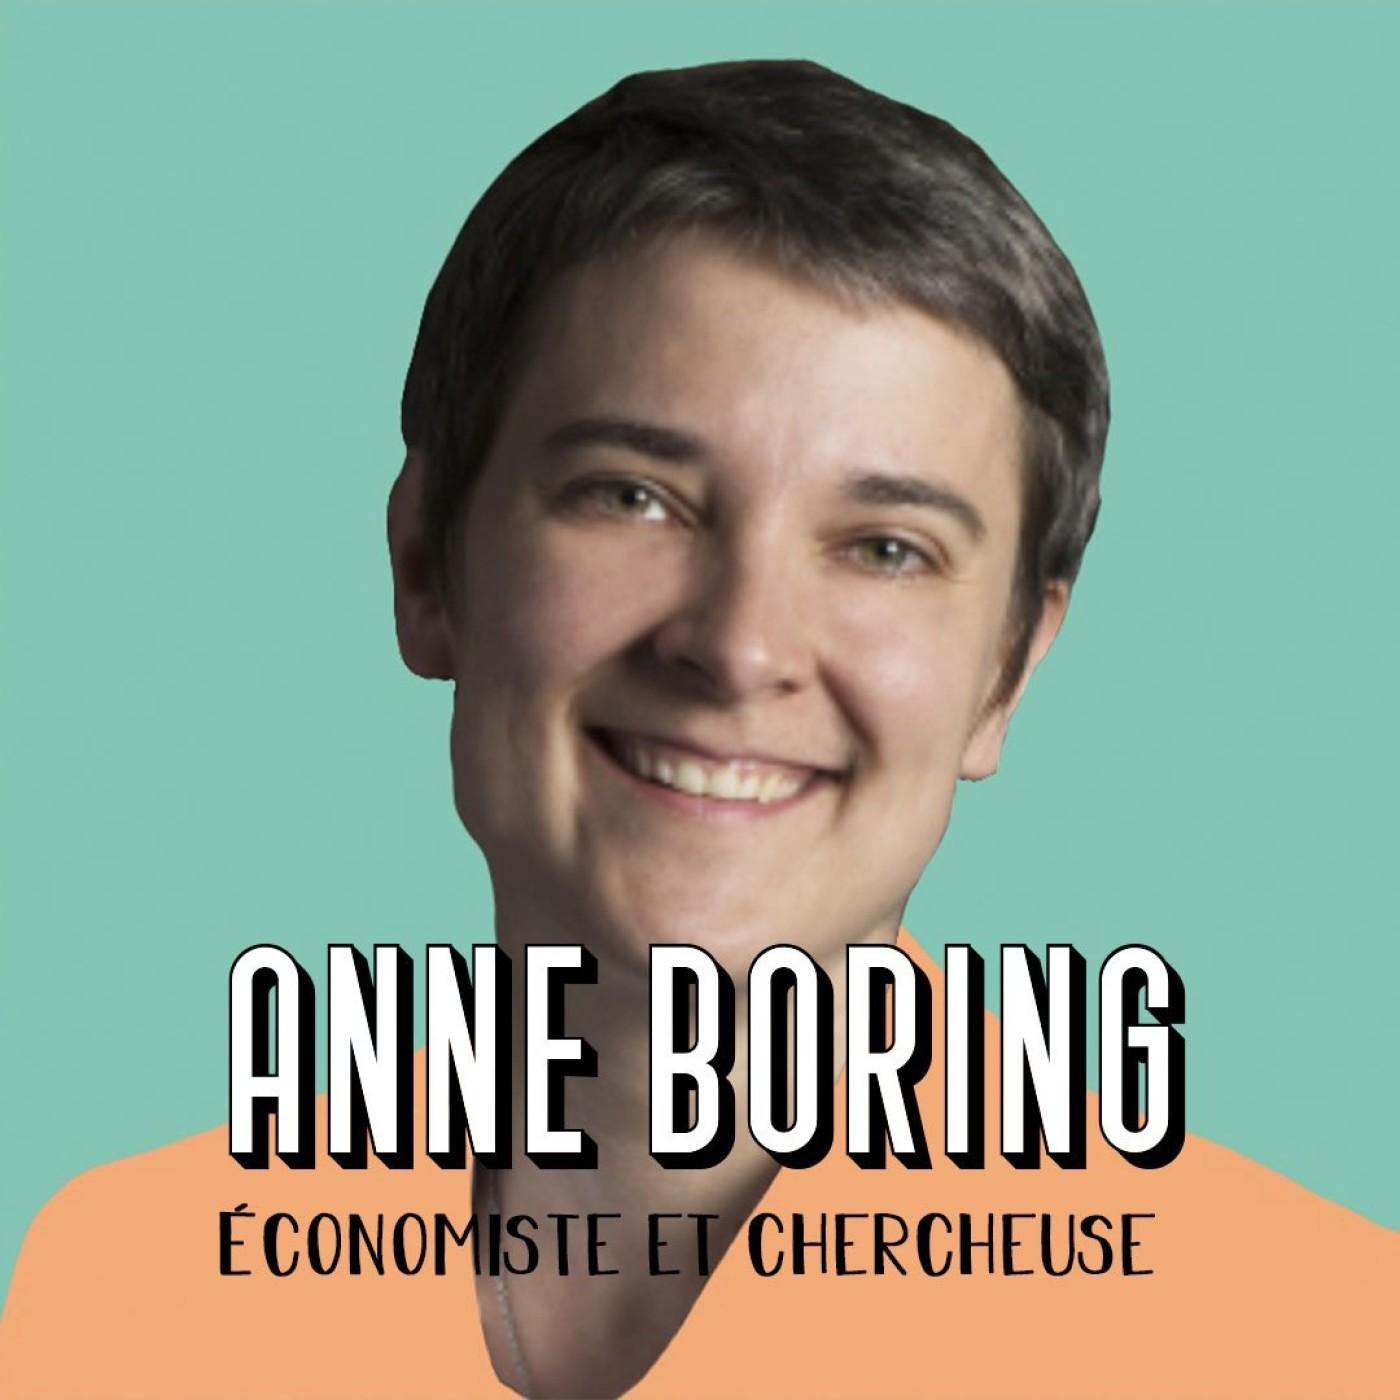 Anne Boring, économiste et chercheuse - Devenir maître de ses propres